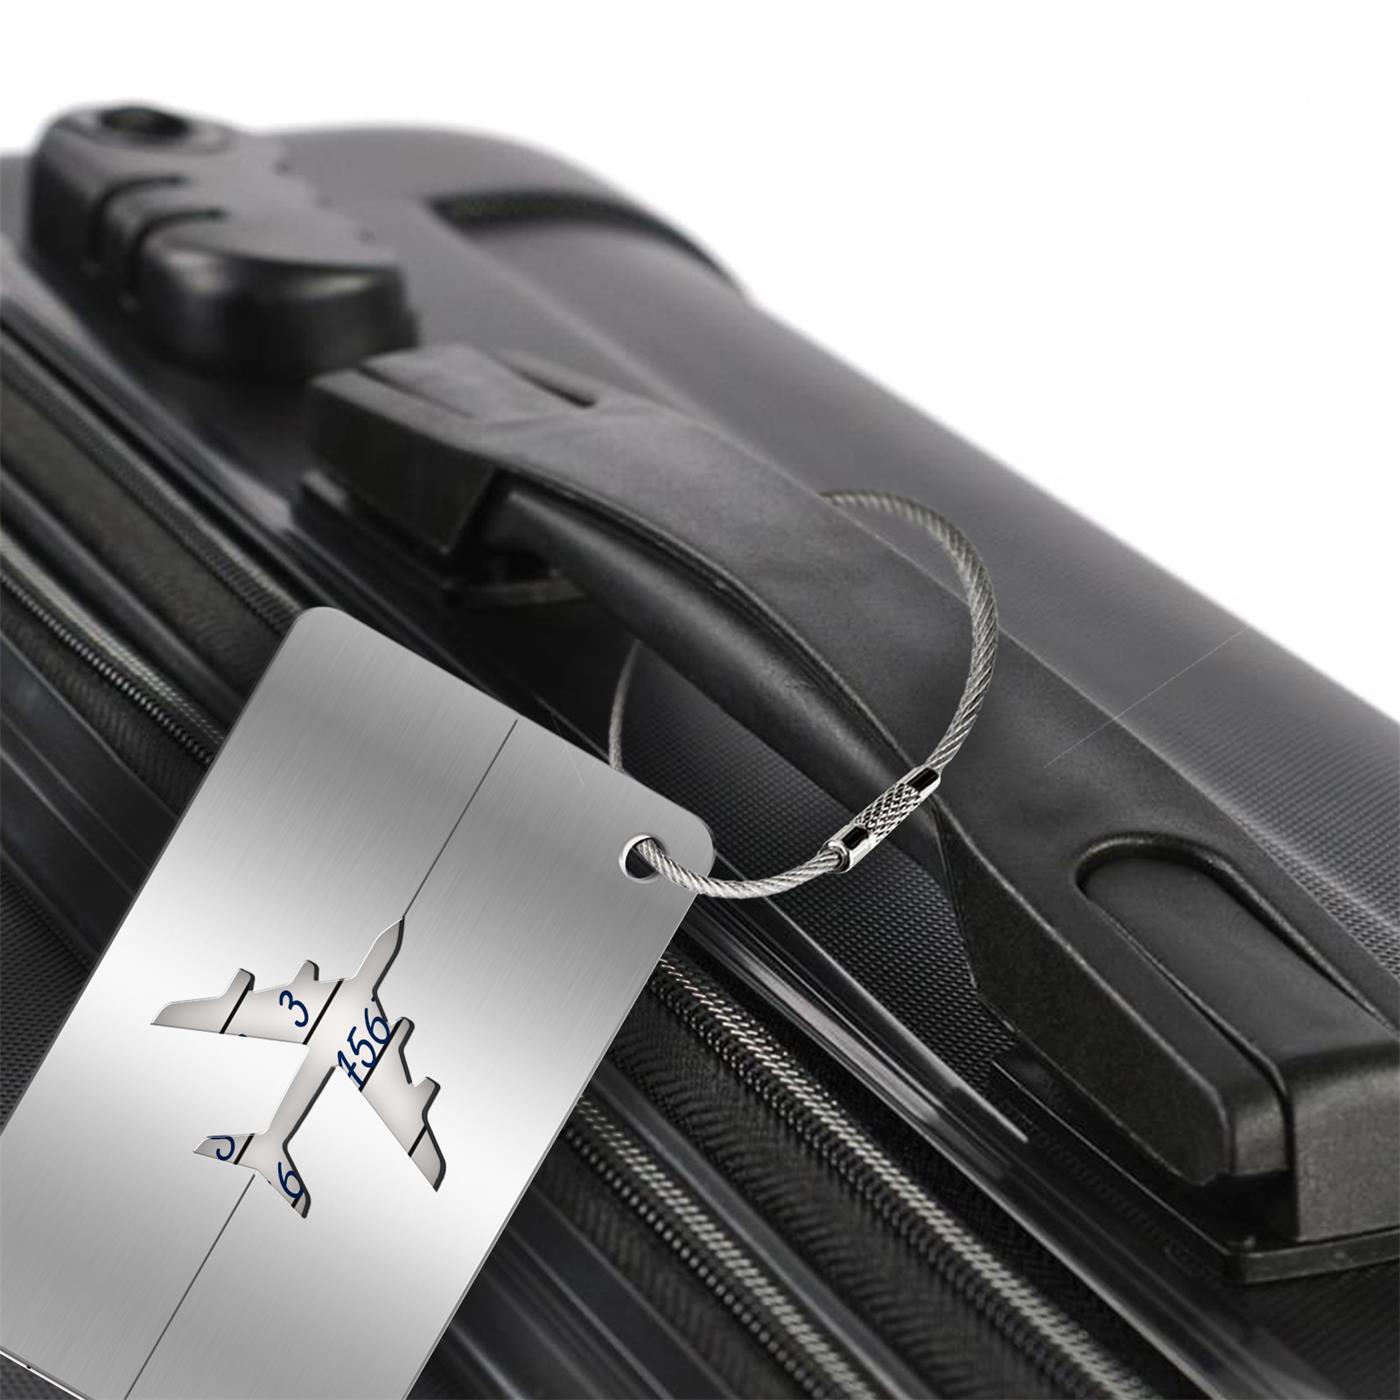 Reise-Kofferanhaenger-Namensschild-Gepaeck-Anhaenger-Schild-Urlaub-Flugzeug-Trolley Indexbild 24